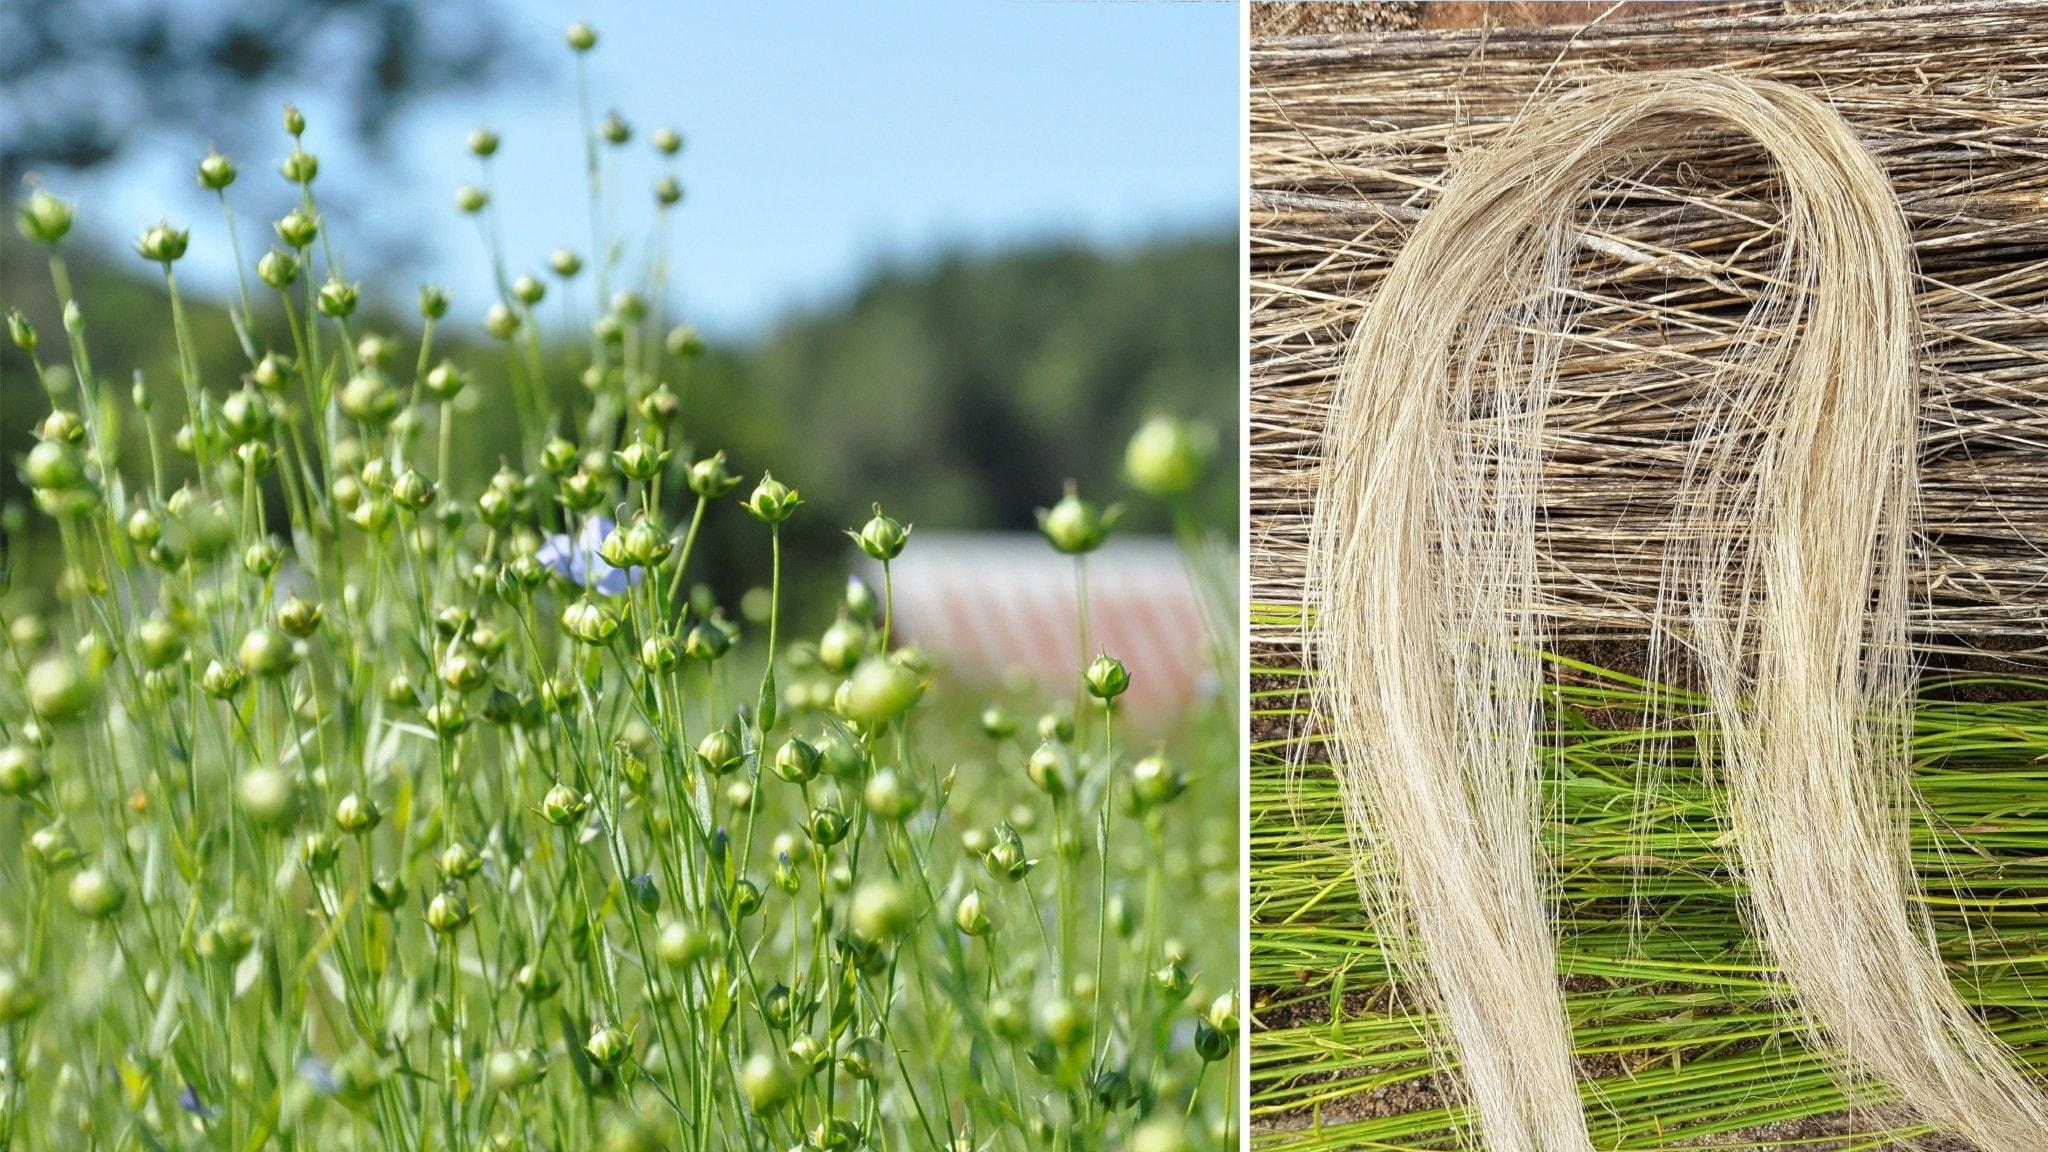 Blommande linåker och detalj av linfiber.